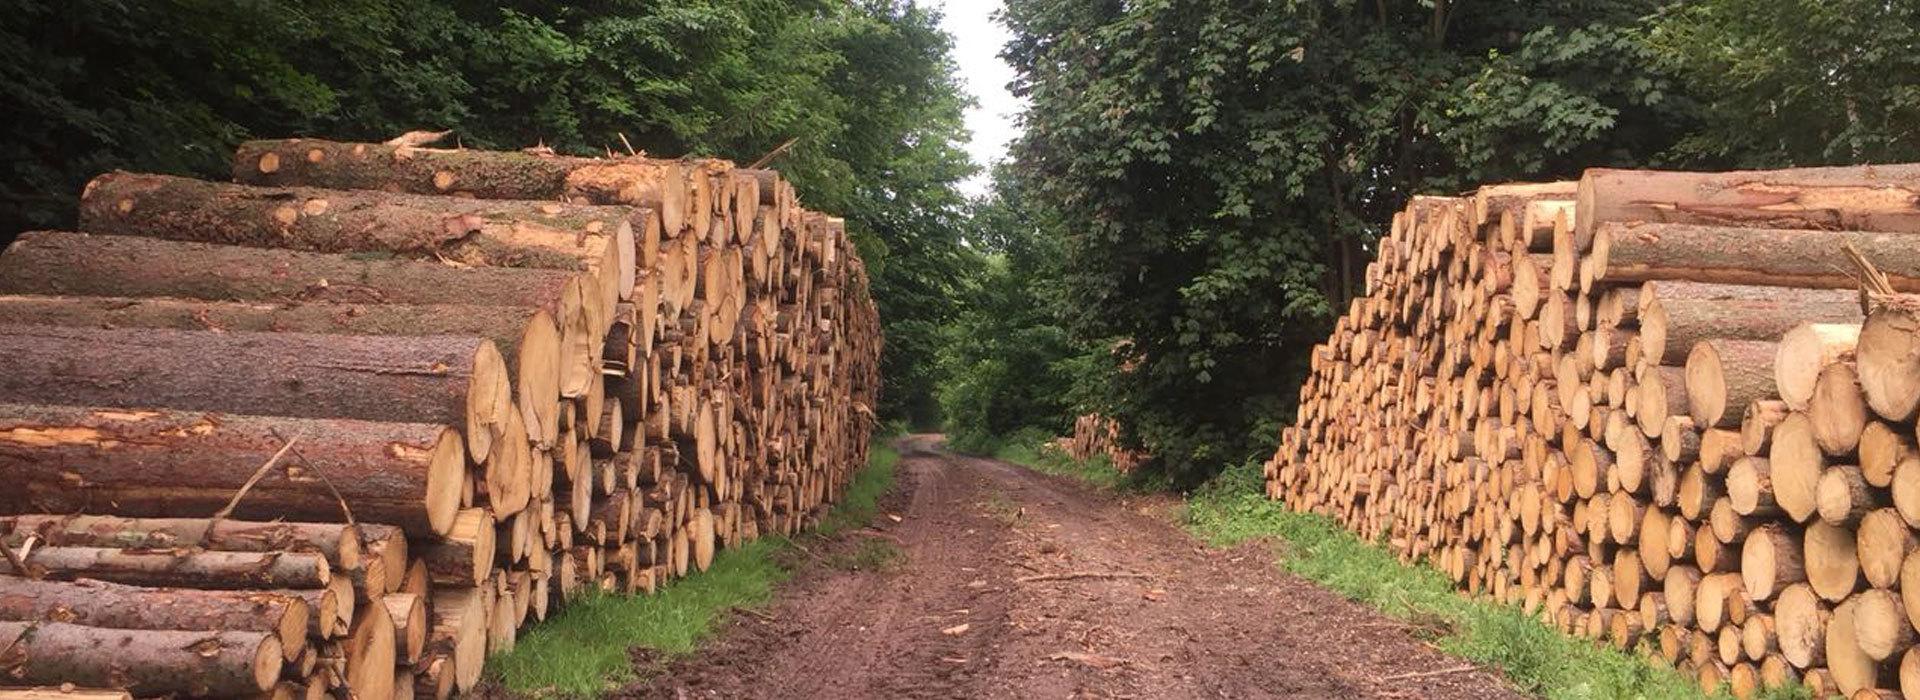 Holzverkauf Selbstwerbung Staatliche U Private Waldbesitzer